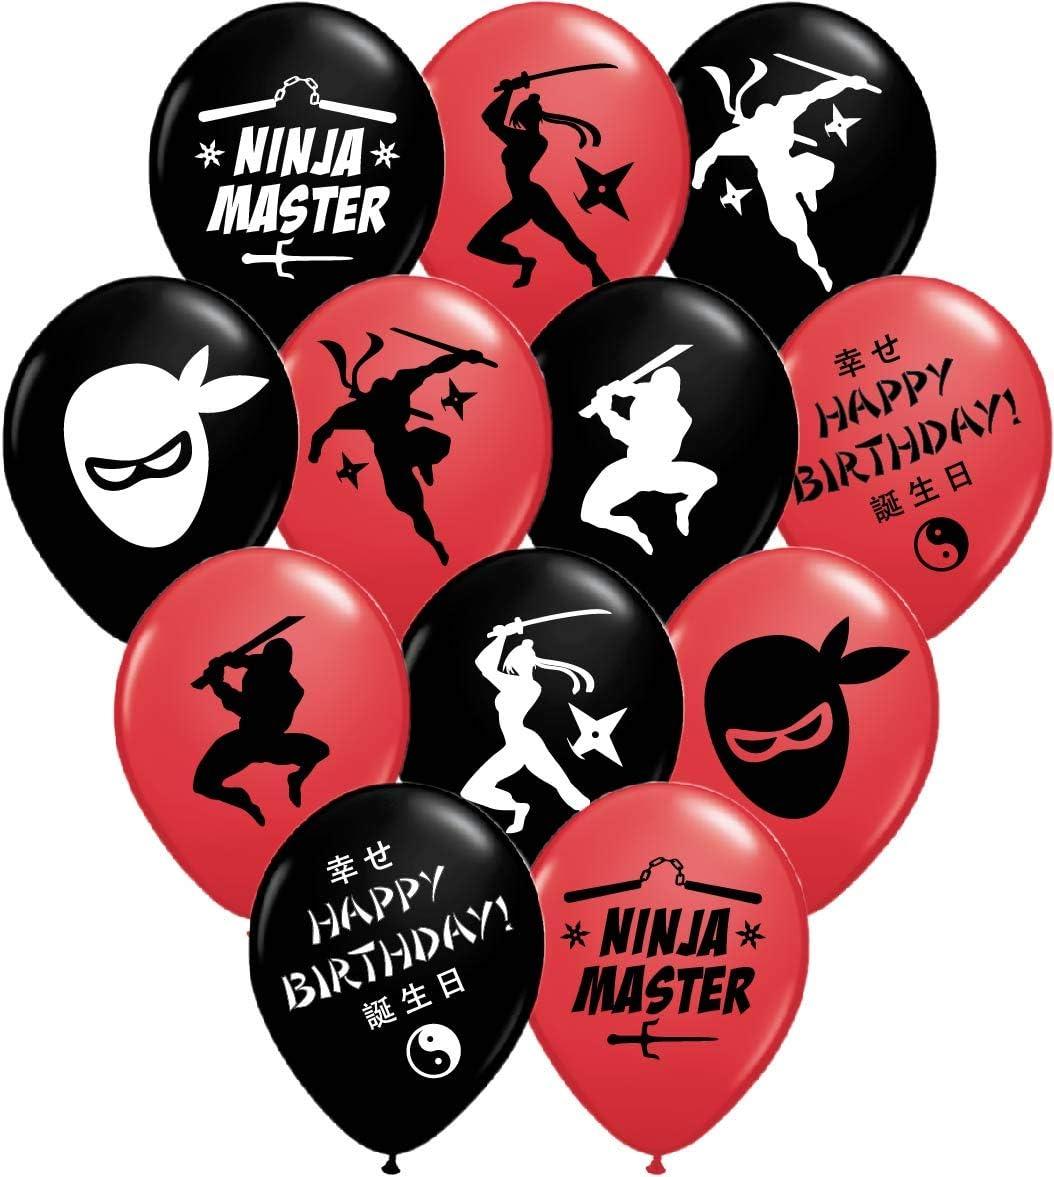 Gypsy Jade's Ninja Master Party Balloons - 12